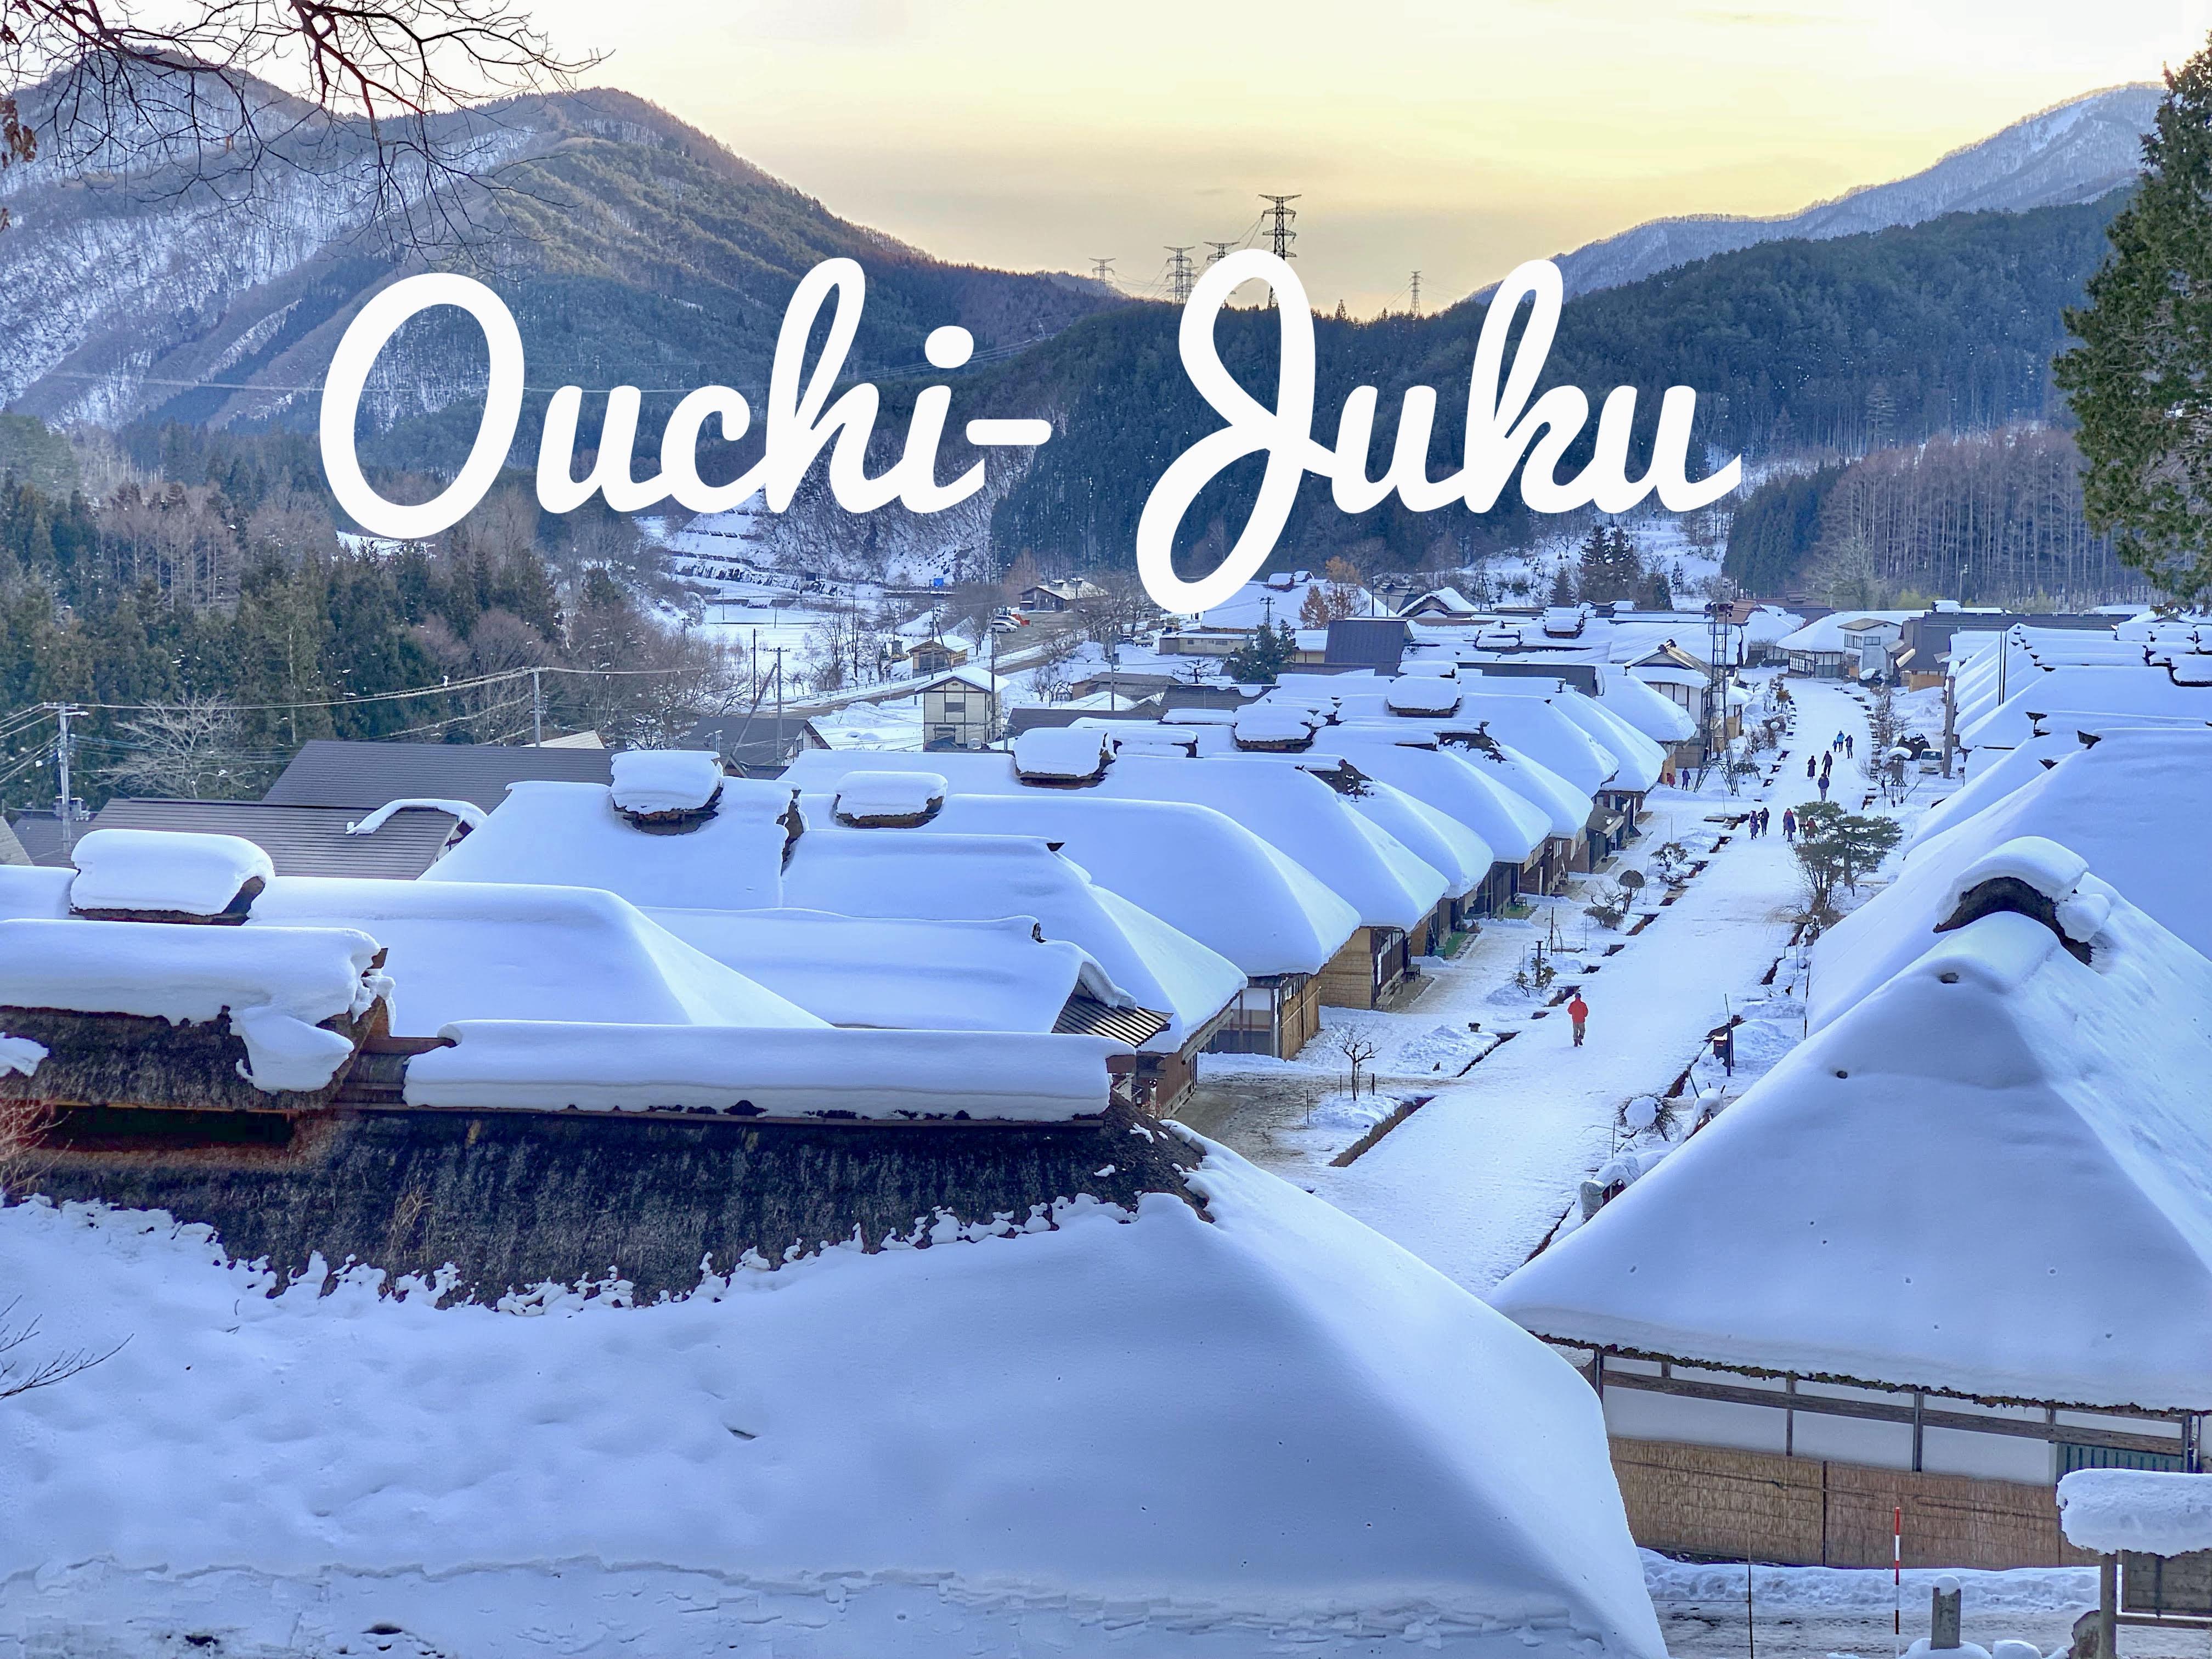 2 ฤดู แชะ!! หมู่บ้านโออุจิจูคุ (Ouchi-Juku) แห่งฟุกุชิมะ